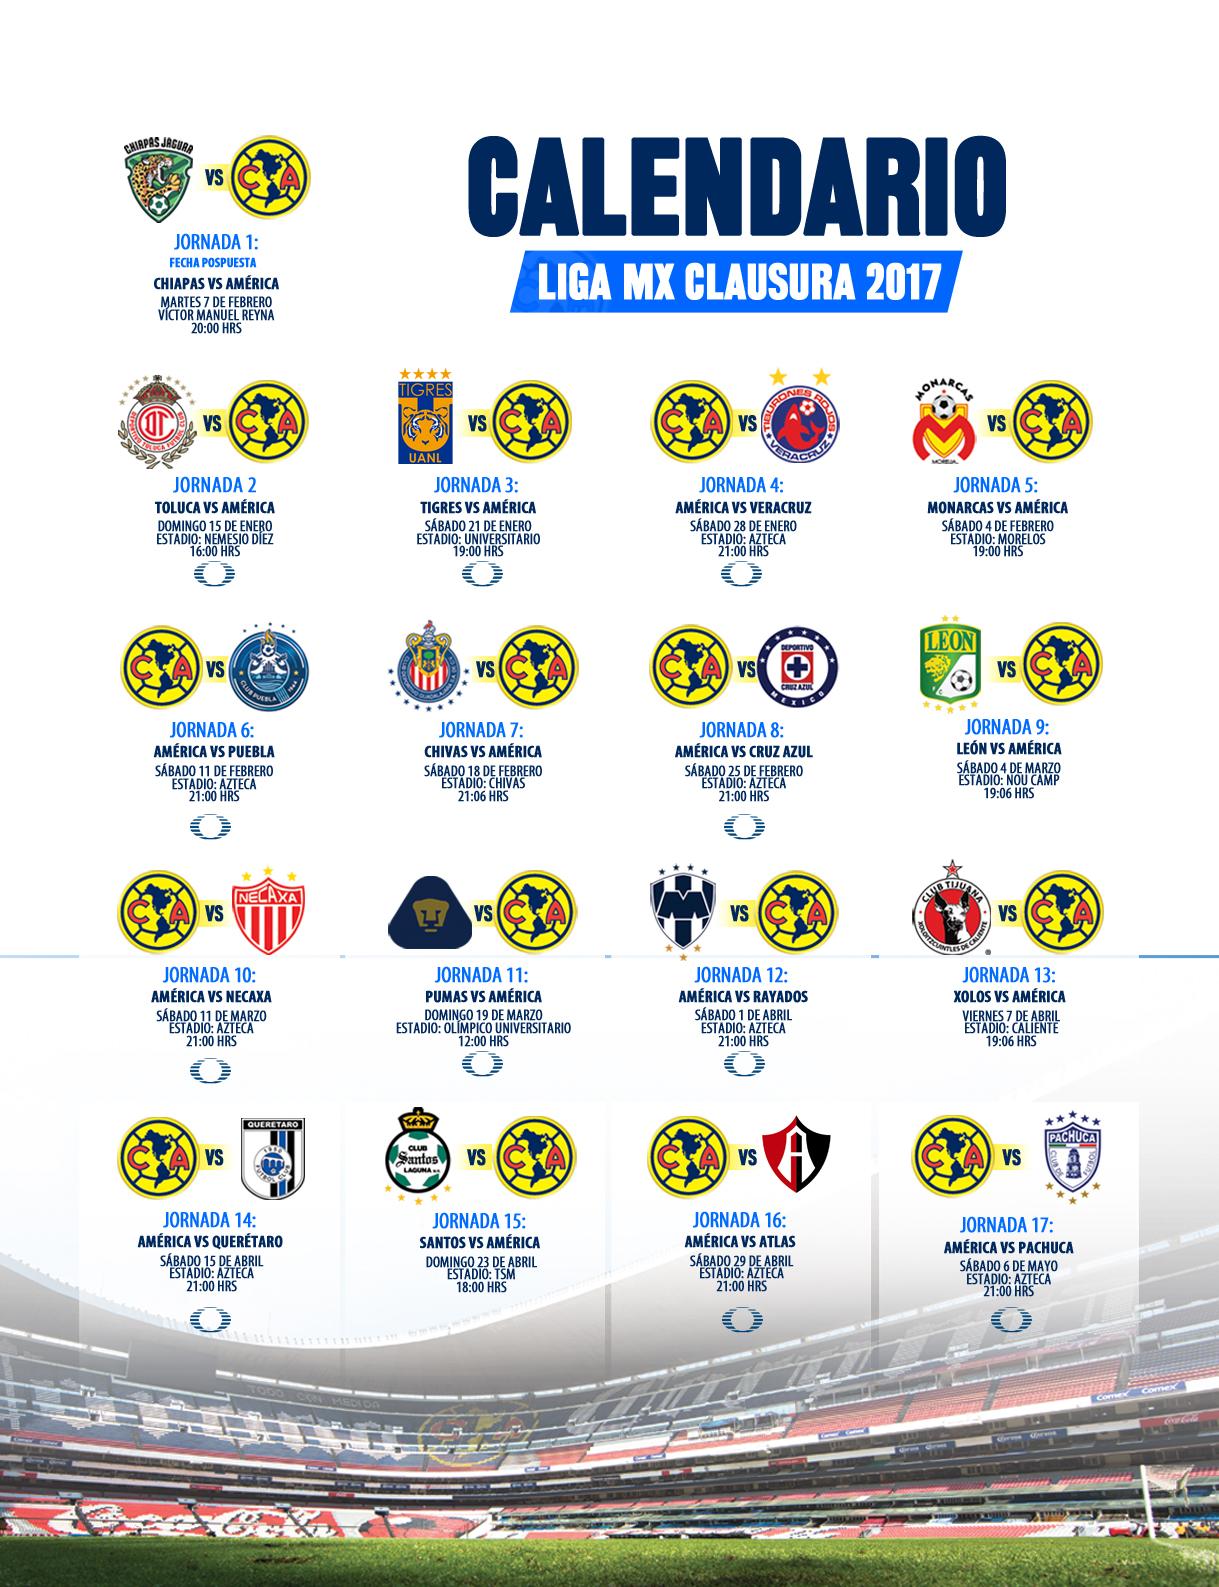 Calendario Clausura 2017